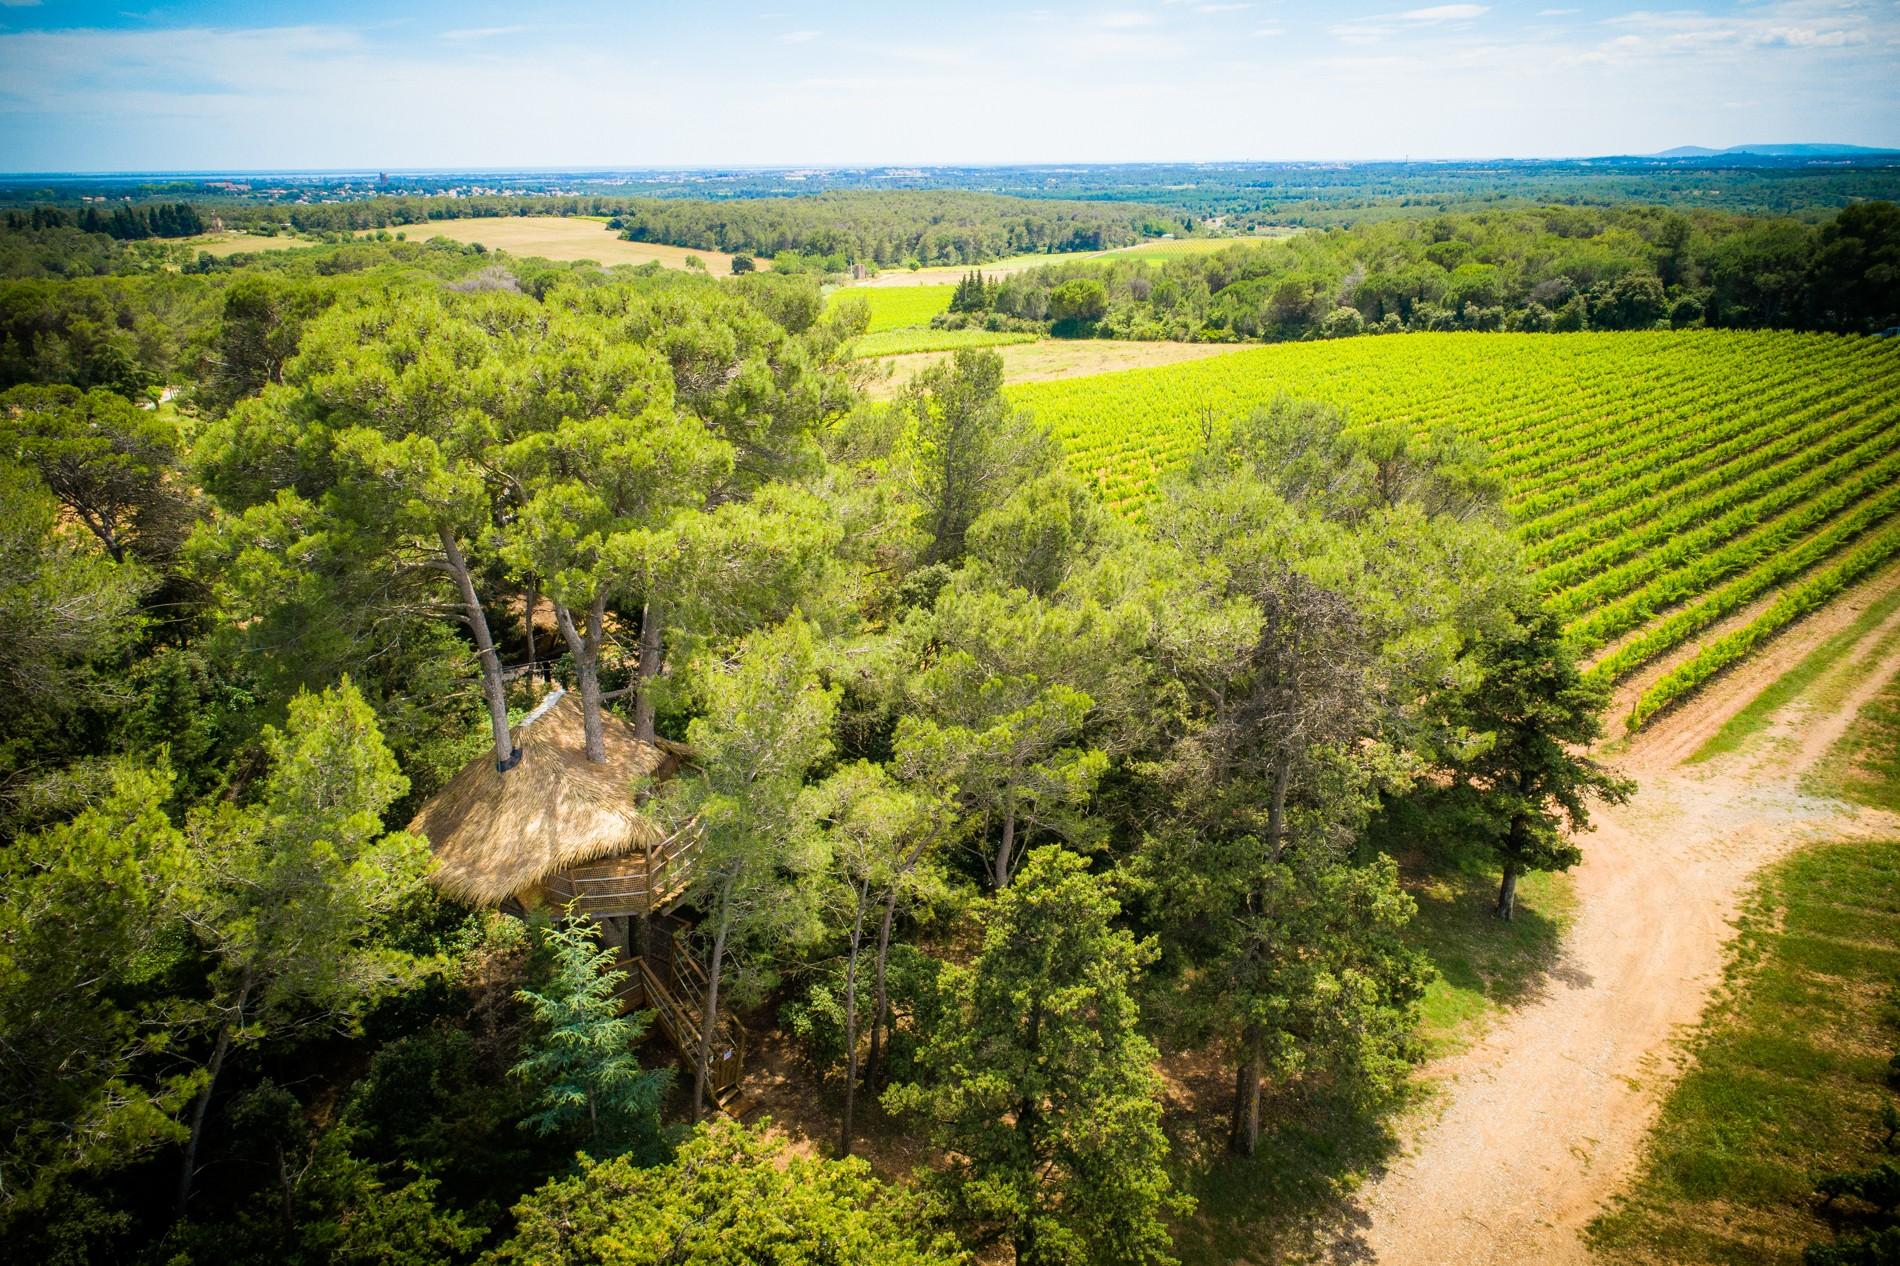 Photo 21 extérieur - cabane dans les arbres - vue sur vignoble - hébergement insolite à Montpellier - Oenotourisme - Domaine saint Jean de l'Arbousier, Castries, Hérault